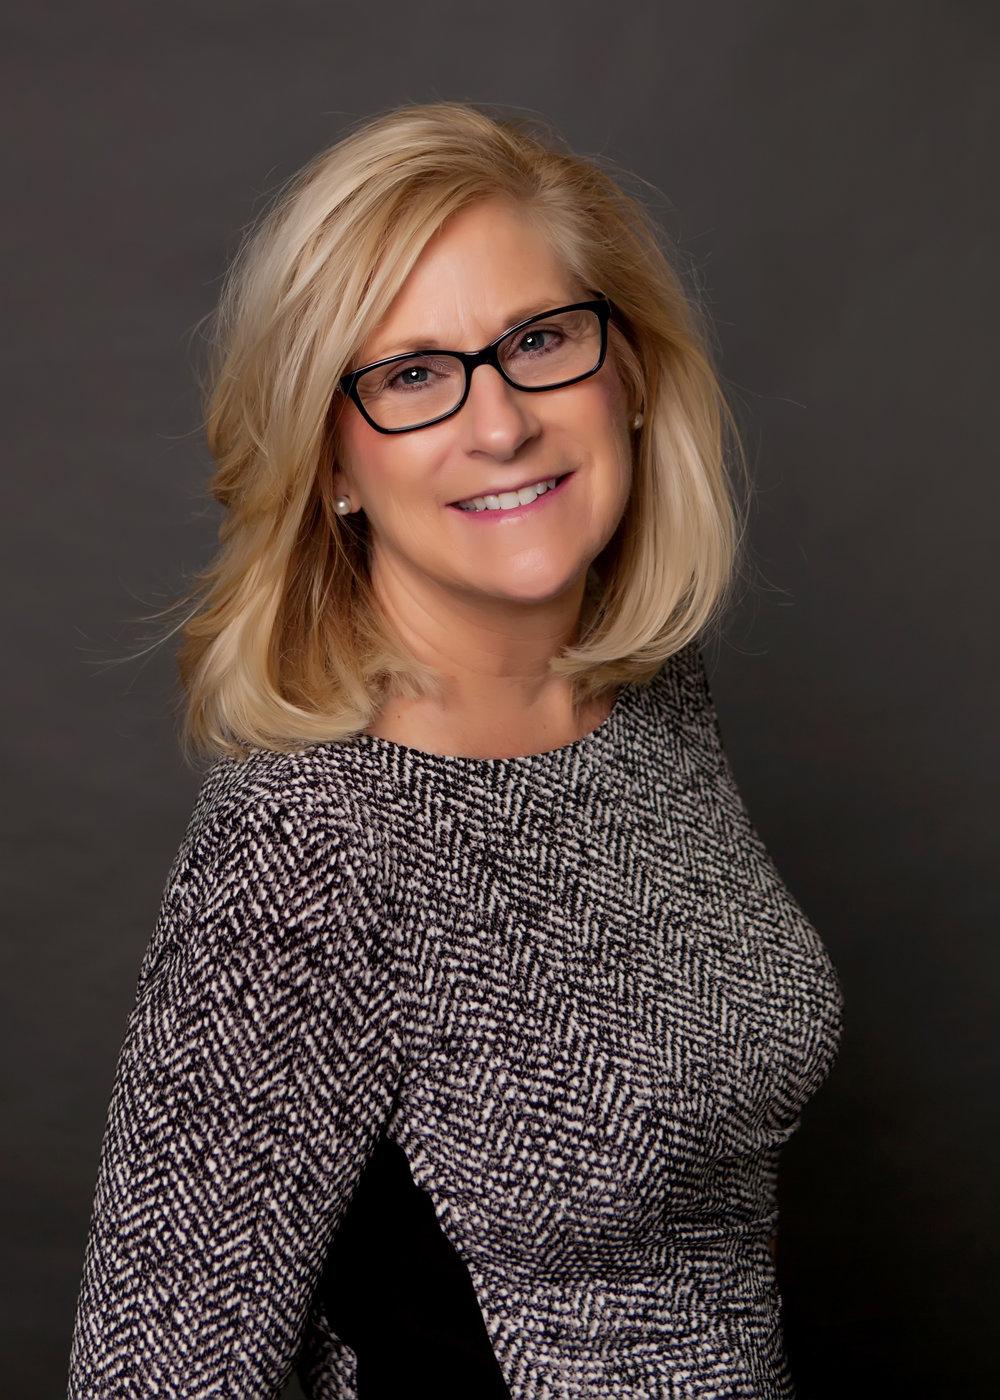 Sharon Schuessler, Secretary